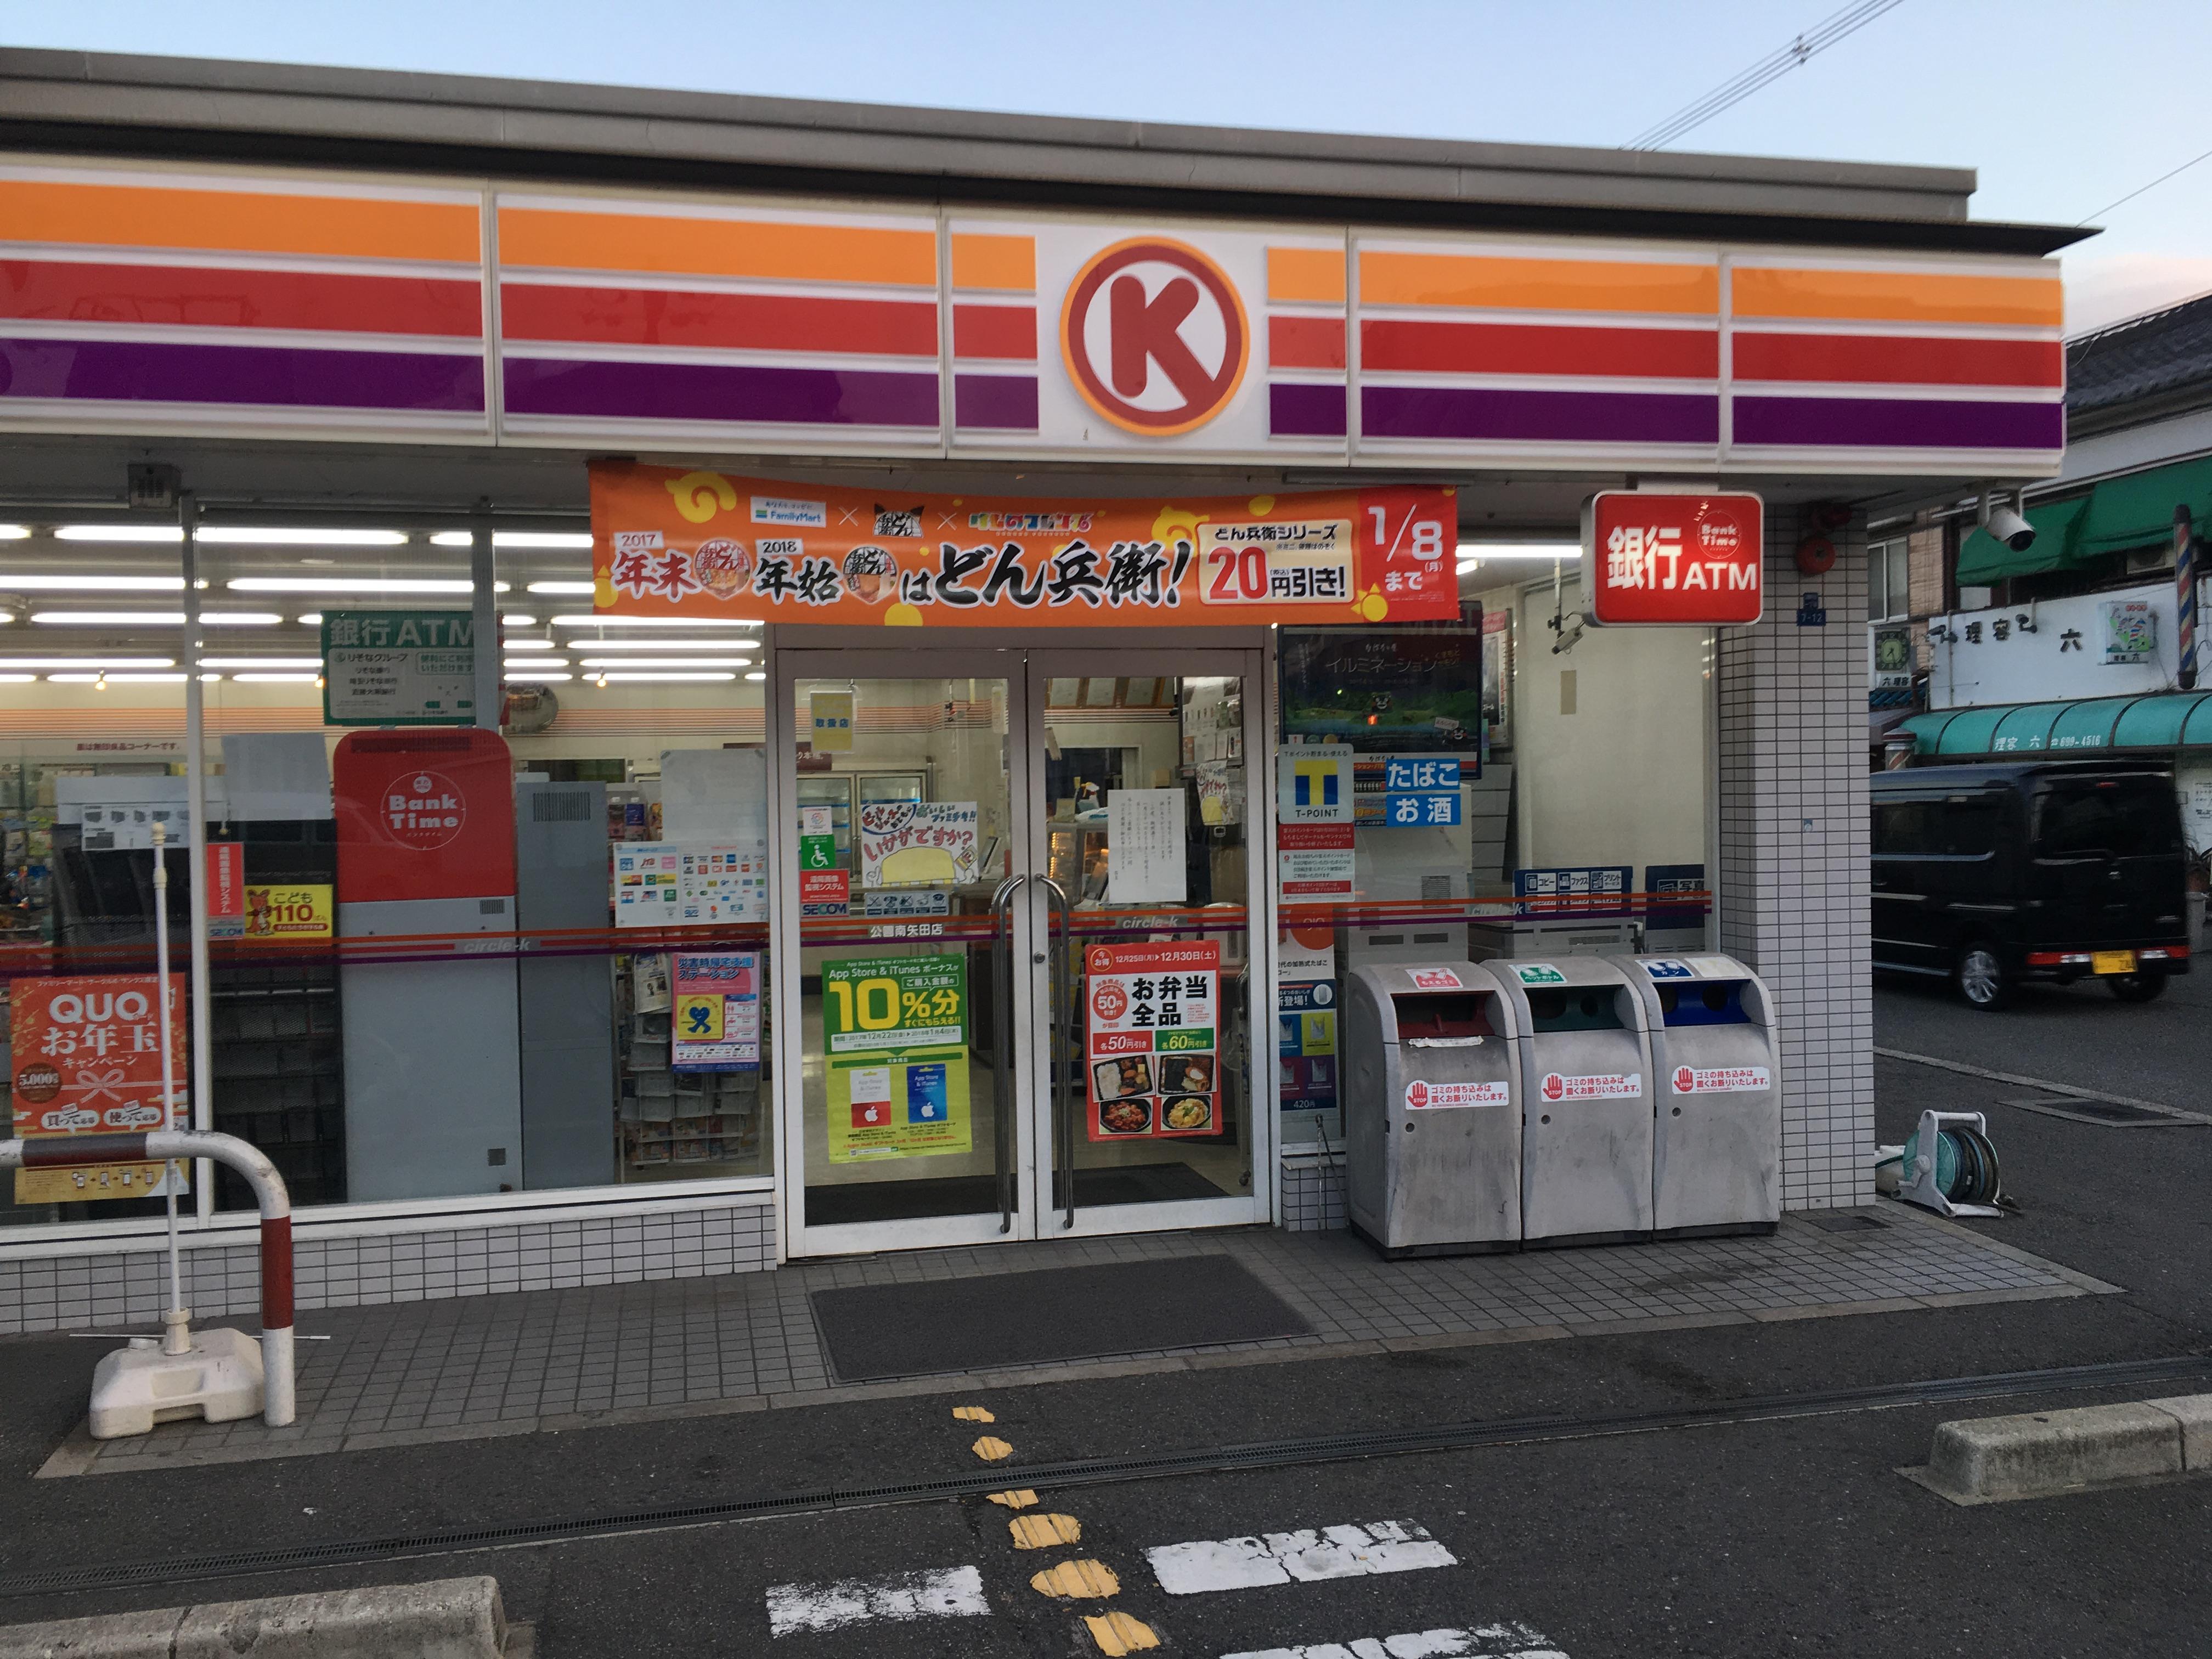 大阪市 東住吉区 | ジモニュース Powered by 地元ニュースアプリ ...